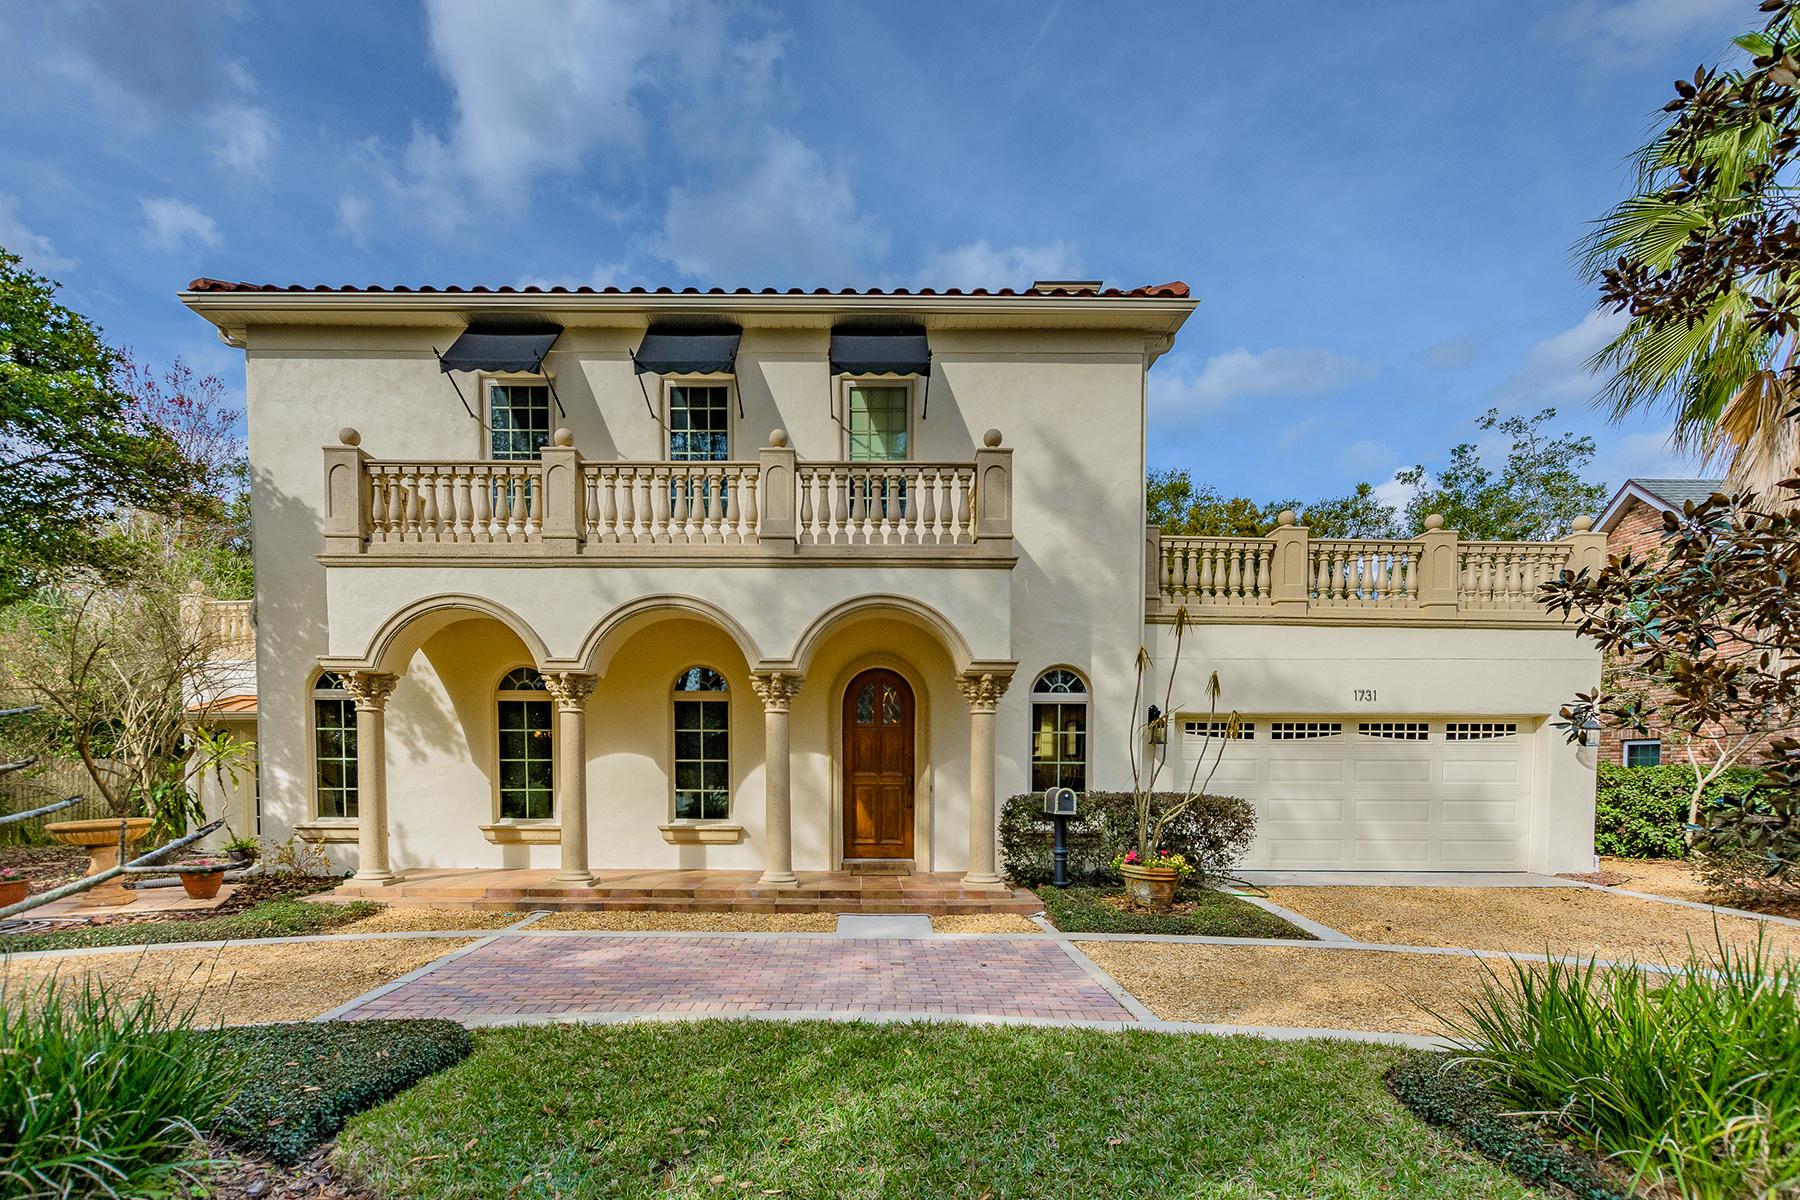 Maison unifamiliale pour l à vendre à 1731 Windsor Dr , Winter Park, FL 32789 1731 Windsor Dr, Winter Park, Florida, 32789 États-Unis